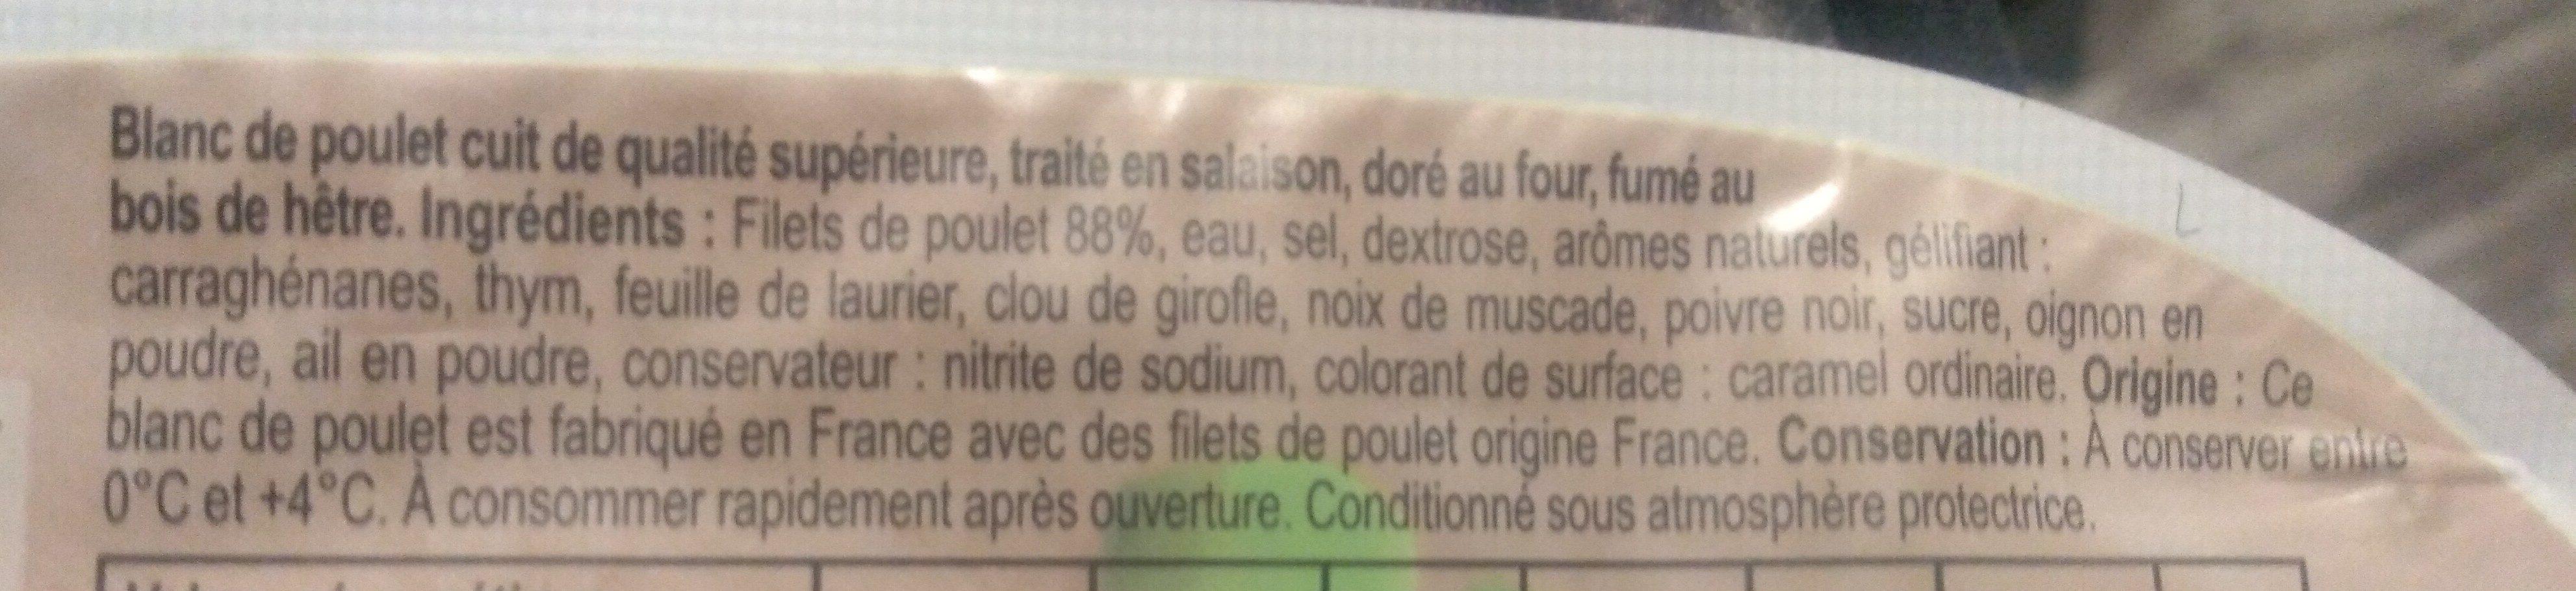 Blanc de poulet Fumé - Ingrediënten - fr